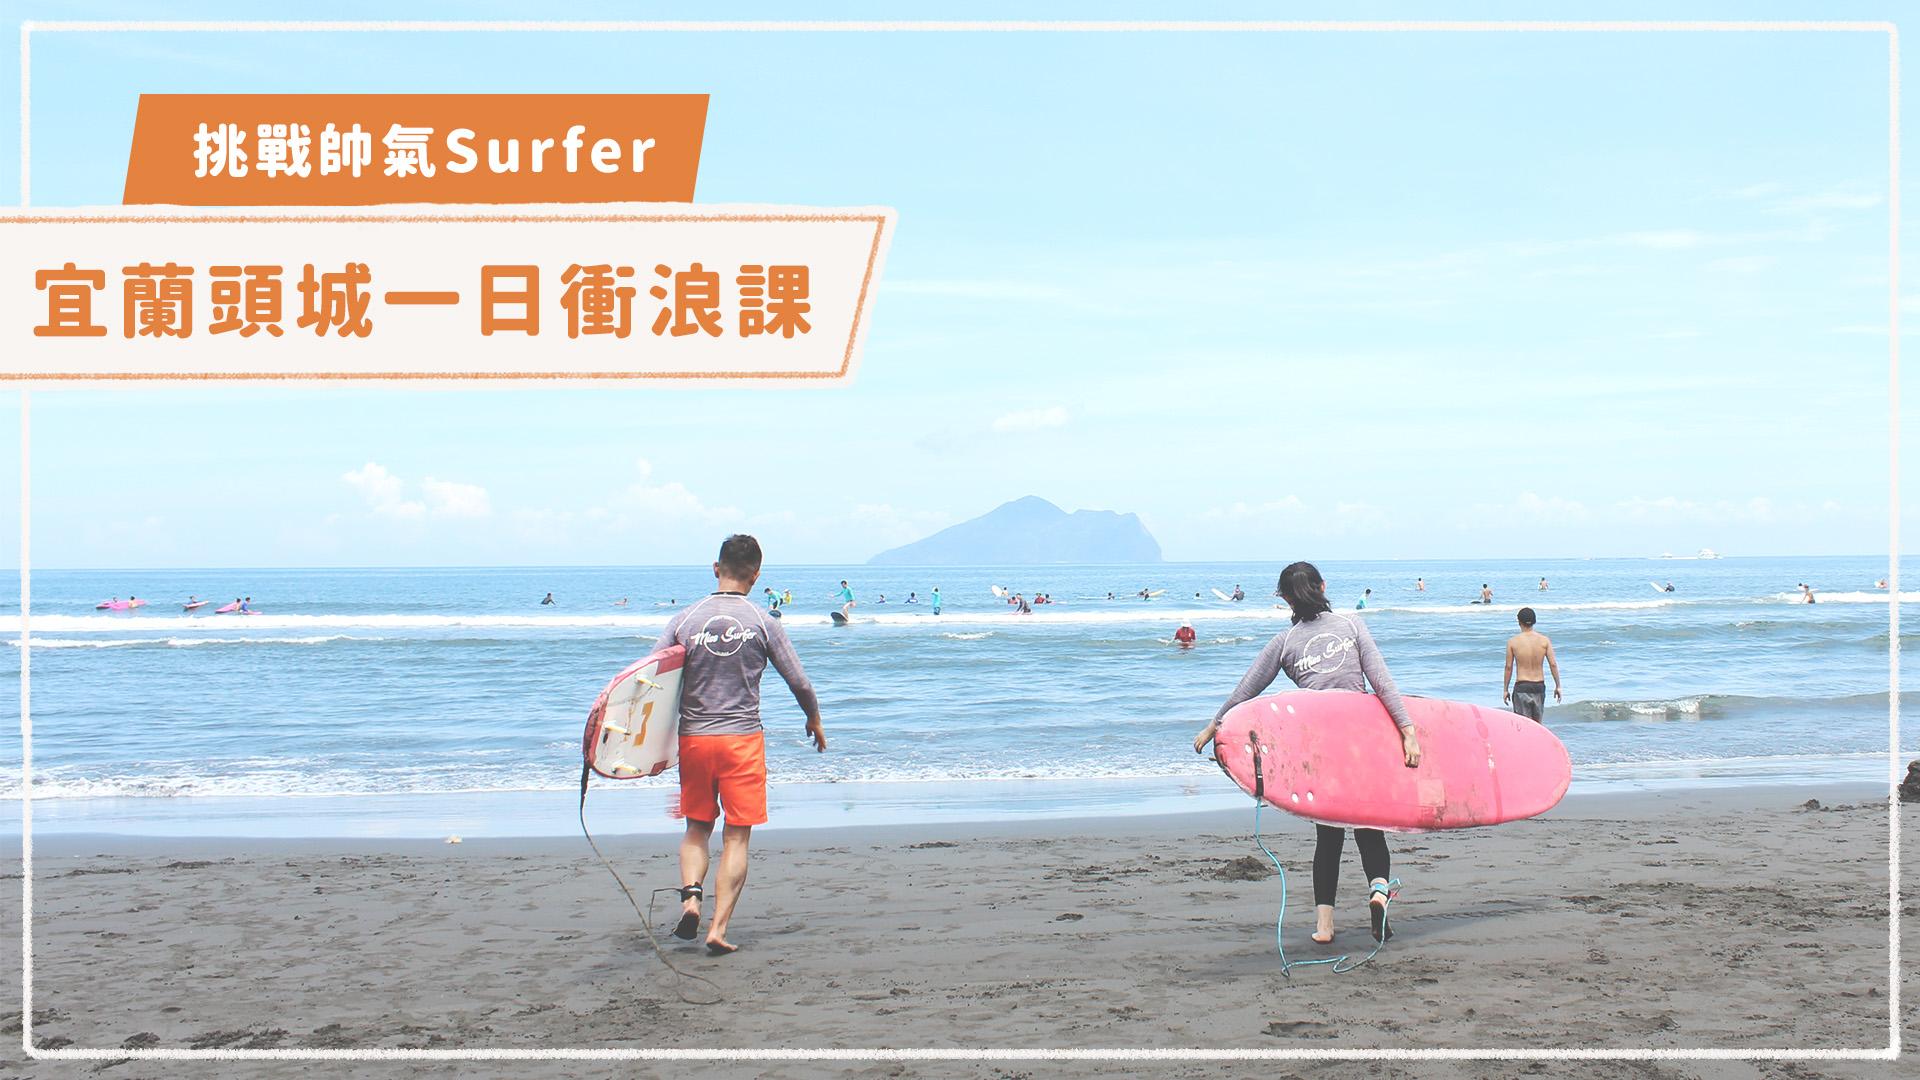 【宜蘭頭城衝浪推薦】Miss Surfer 傑夫衝浪一日體驗